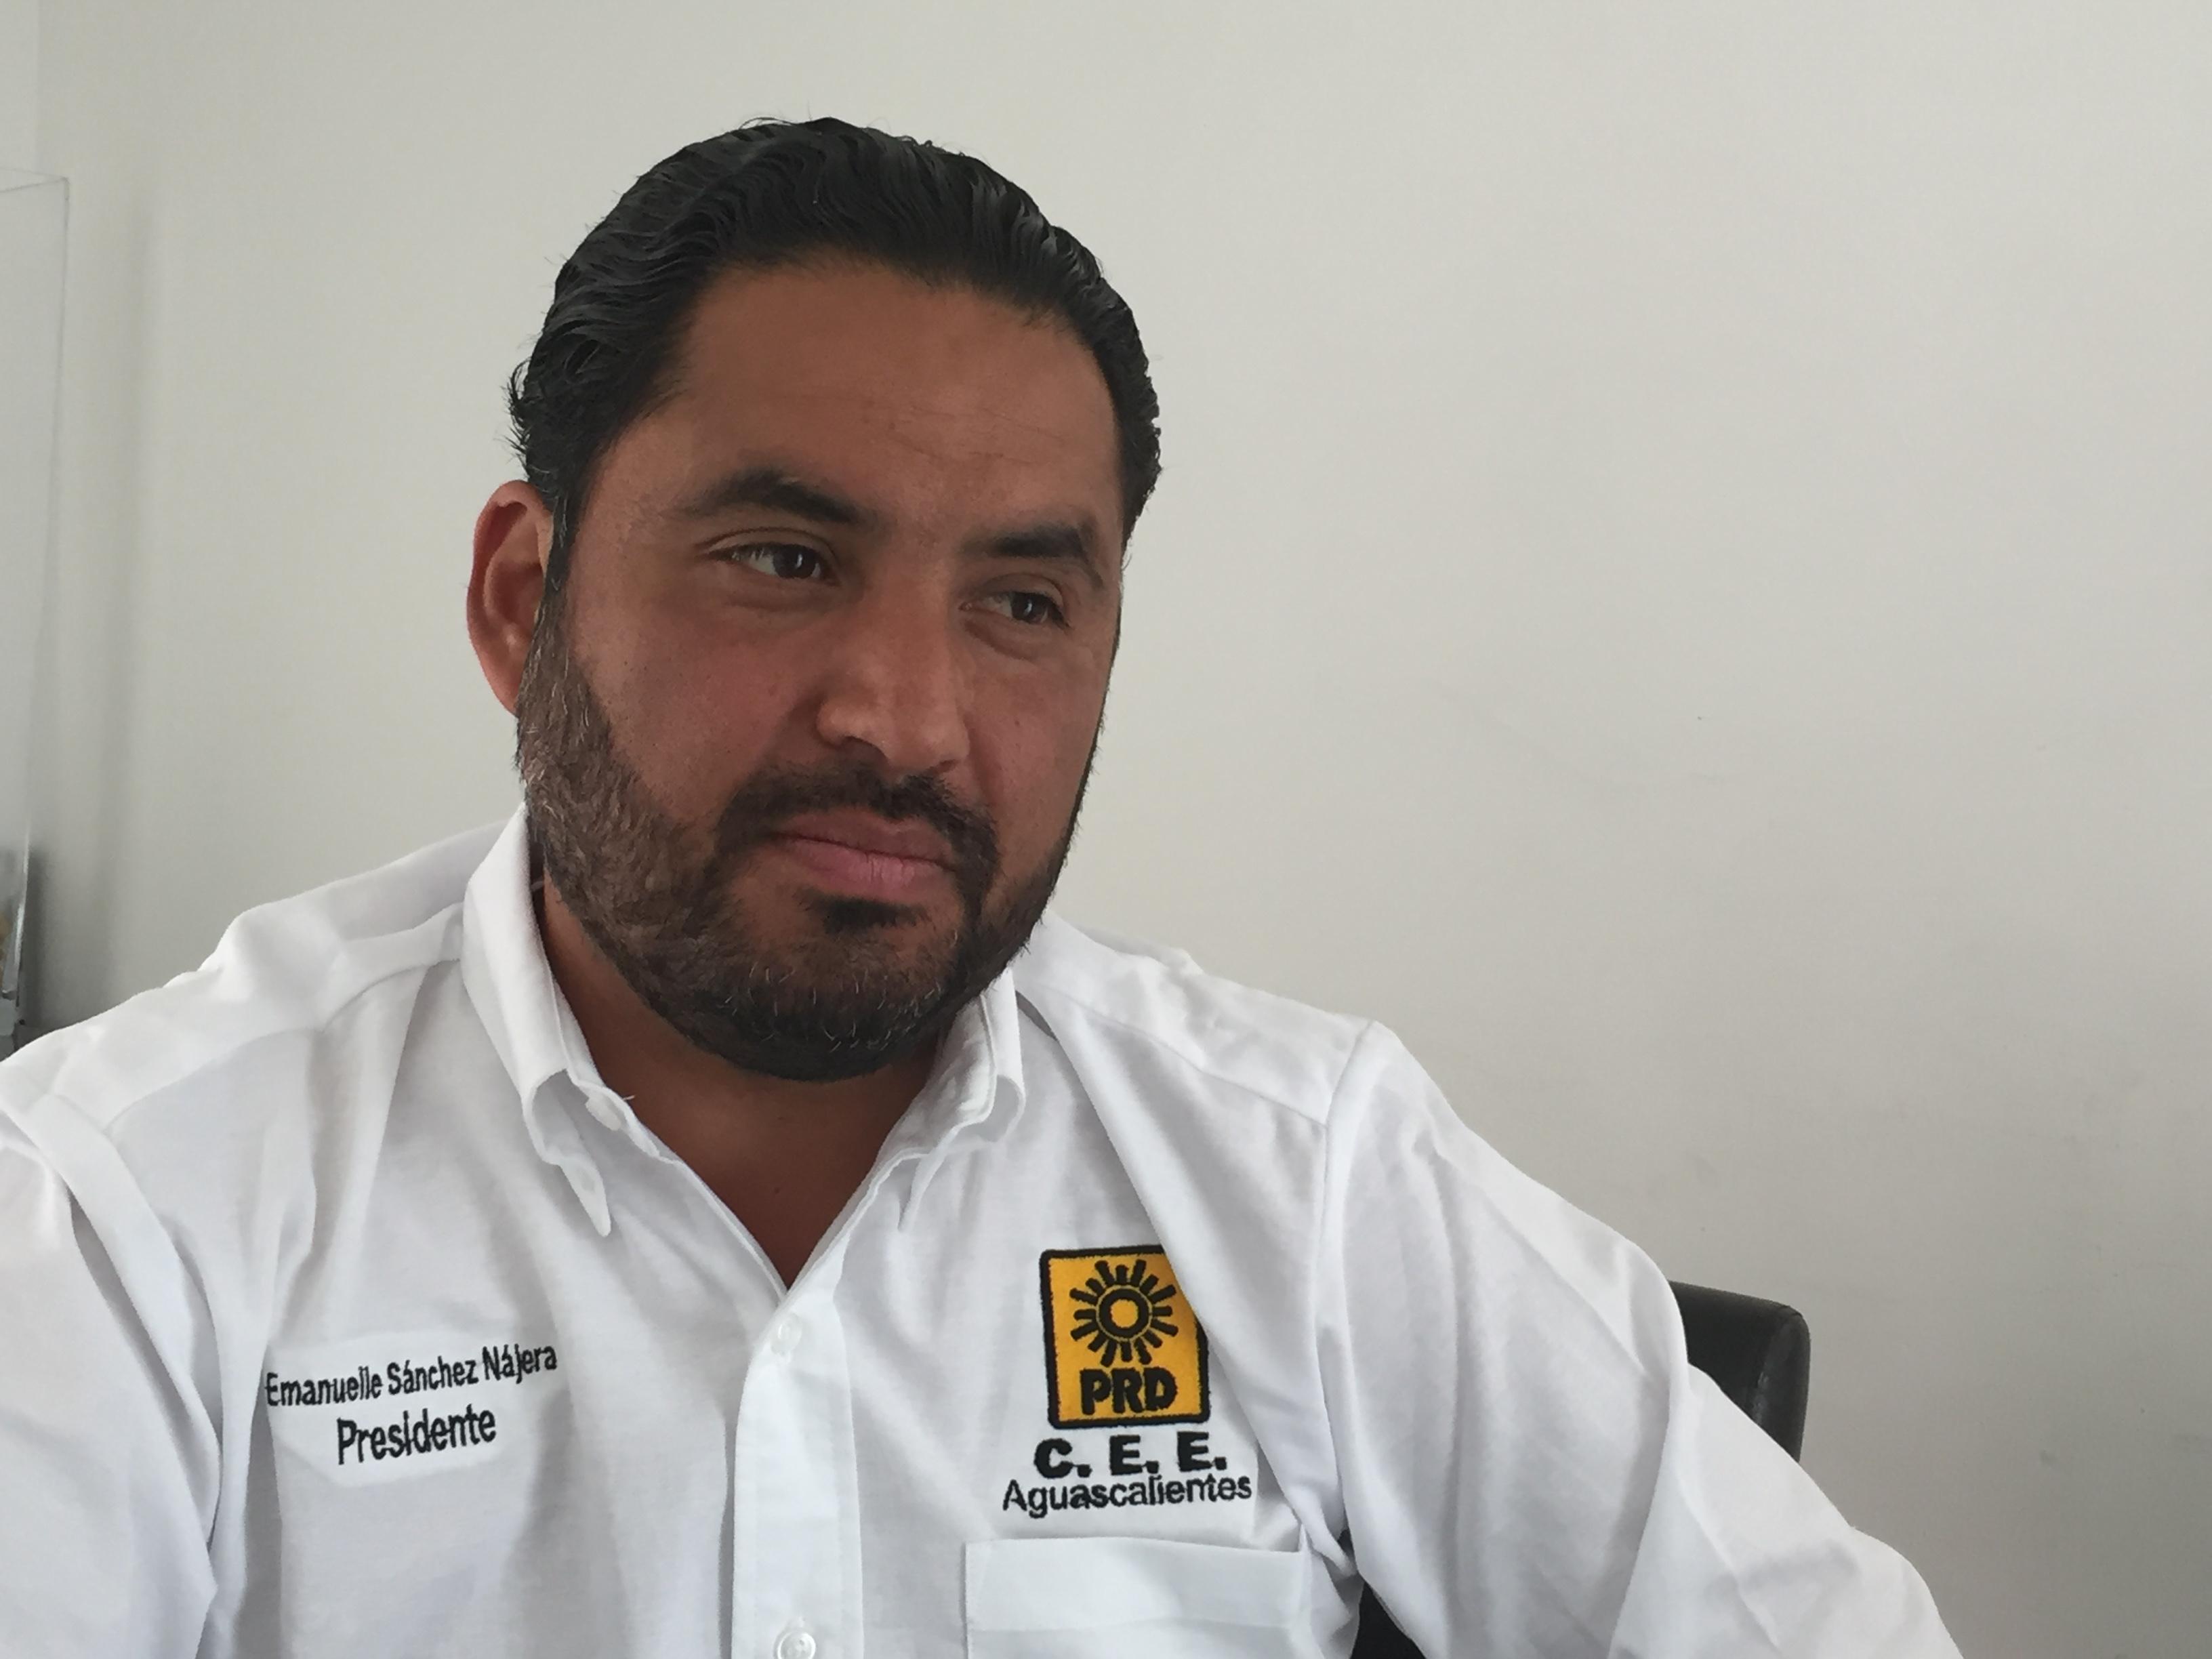 Niega espacios a partidos políticos PFNSM para que PRI no rebase topes de campaña: PRD